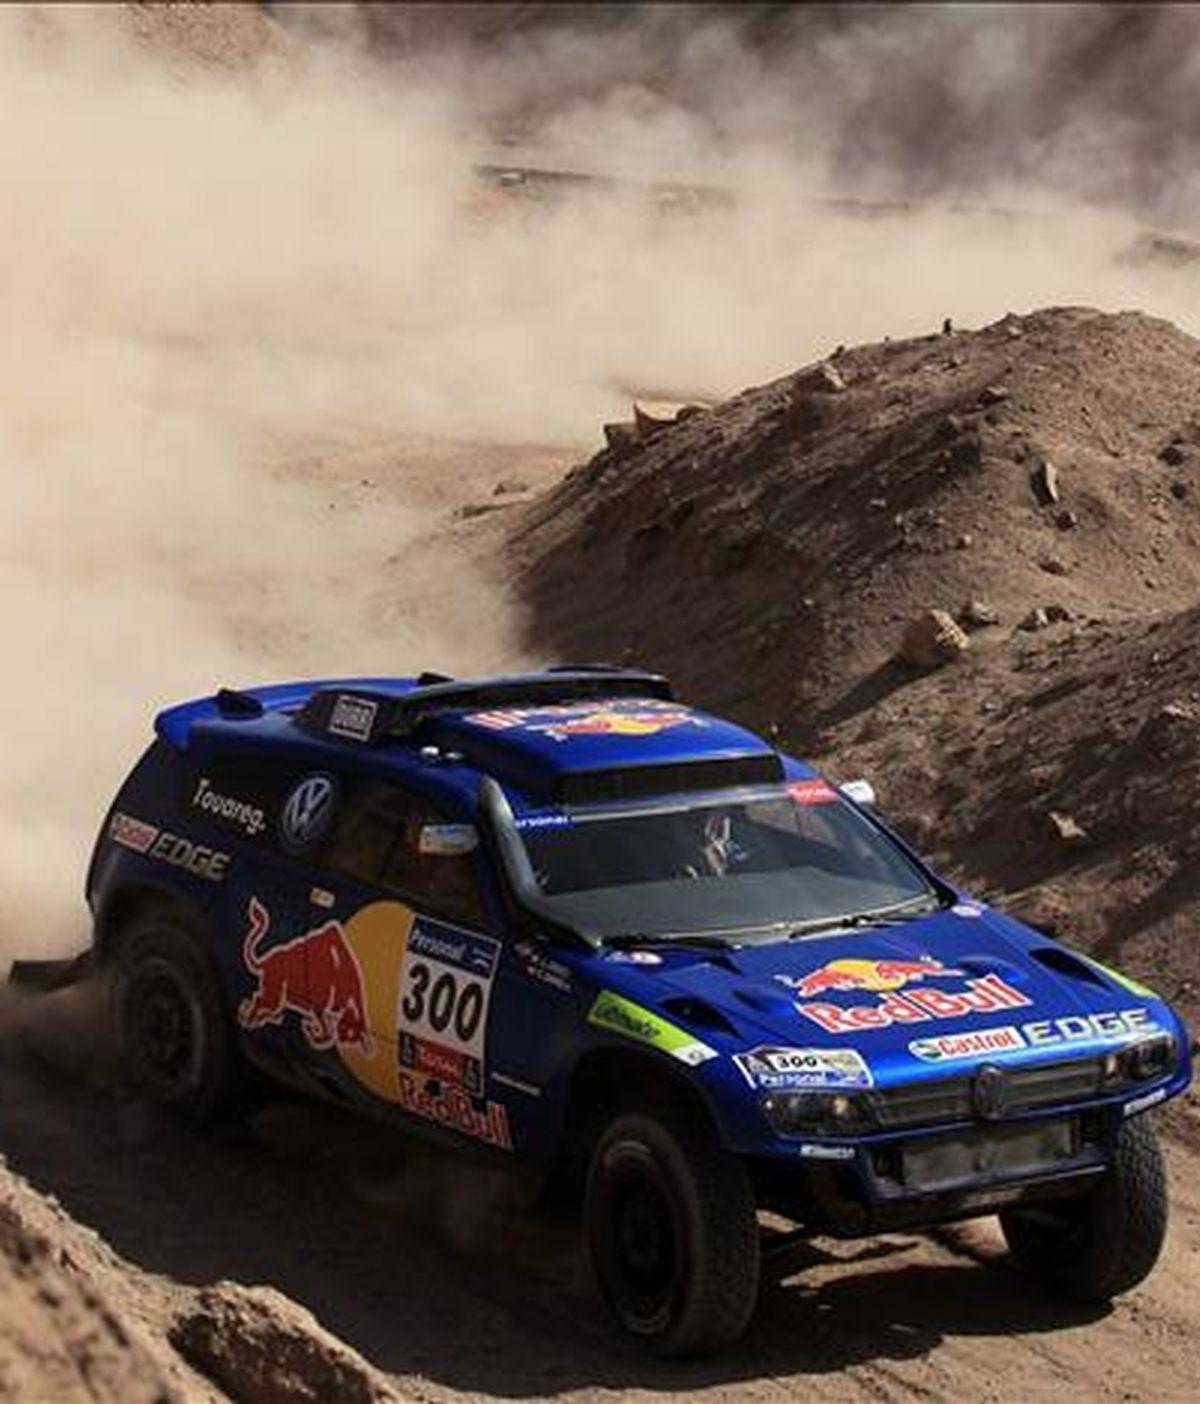 """El piloto español Carlos Sainz conduce su Volkswagen Touareg durante la sexta etapa especial del """"Rally Dakar 2011"""" que se corre entre Iquique y Arica (Chile). EFE"""